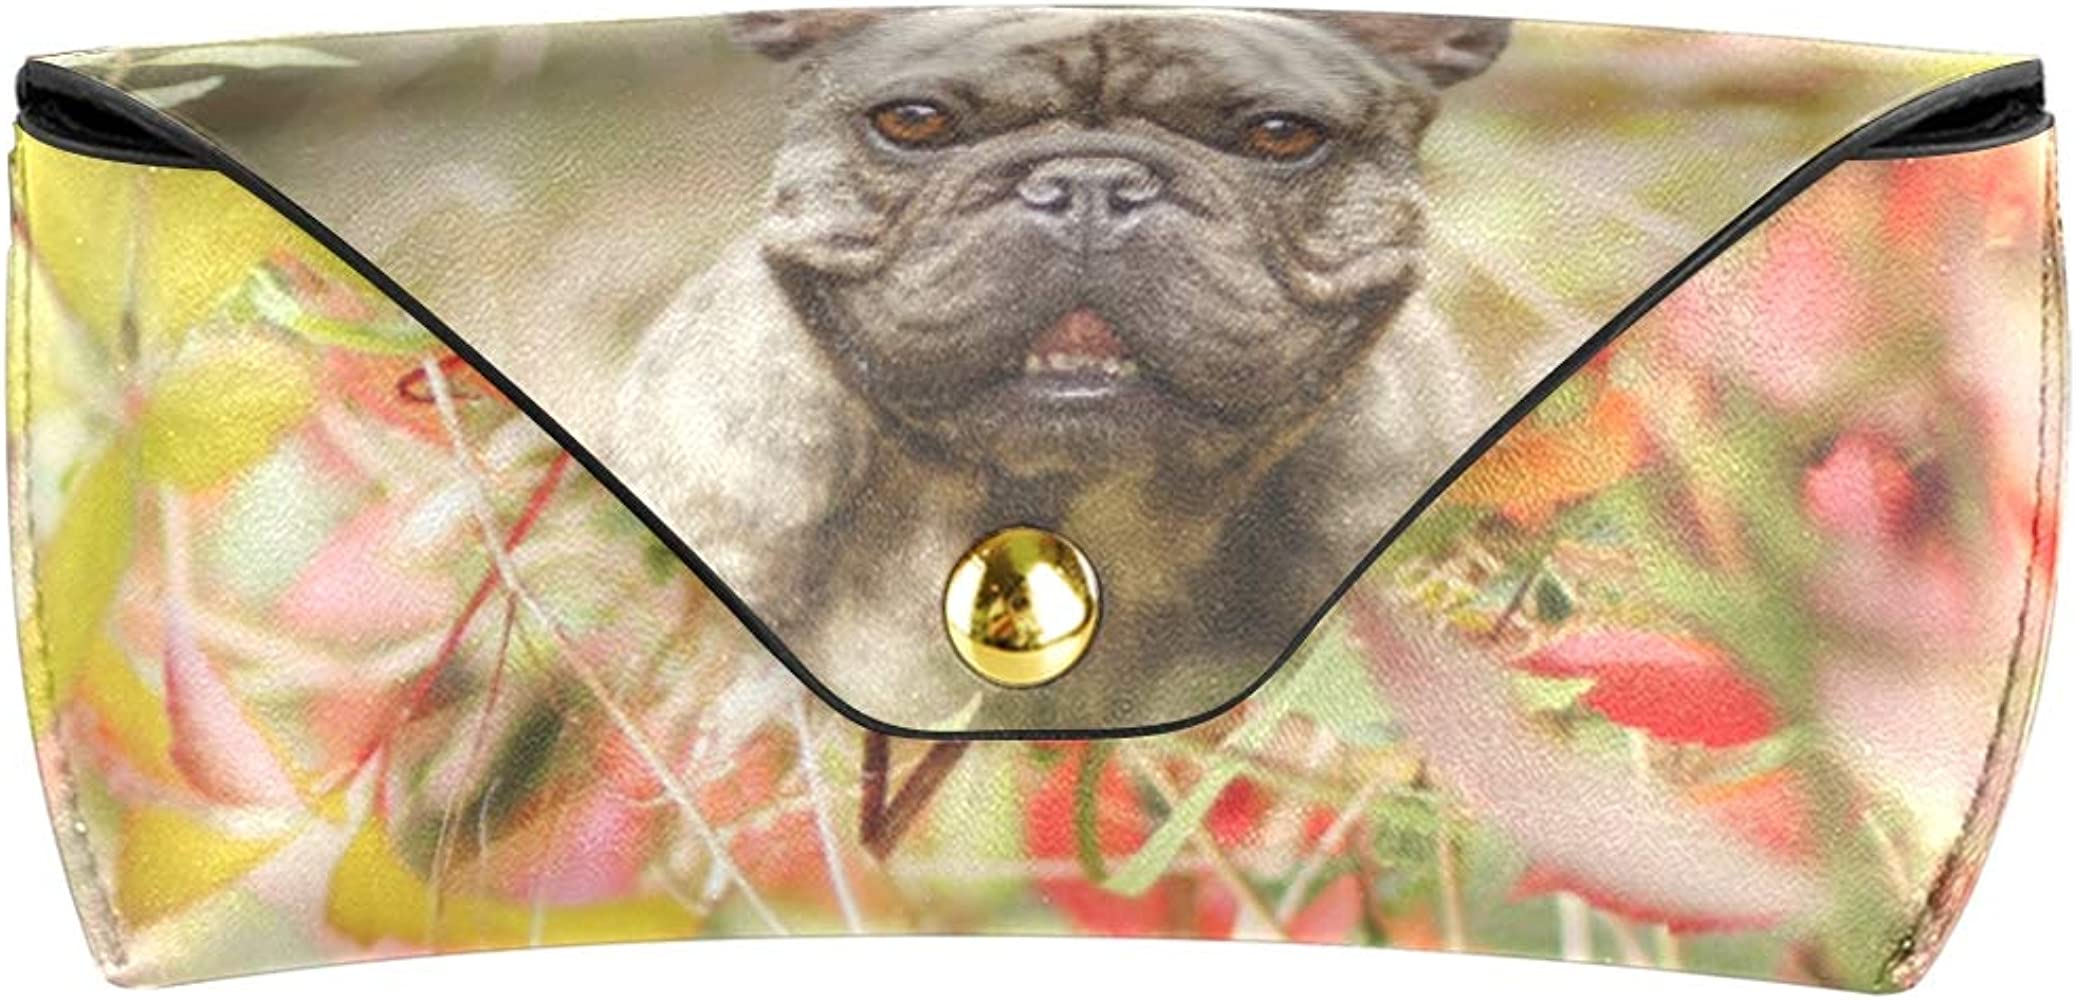 LENNEL Bolsa de gafas Estuche de gafas Perros Bulldog francés Impresión Lindo Gafas de sol unisex Caja Bolsa de anteojos: Amazon.es: Ropa y accesorios